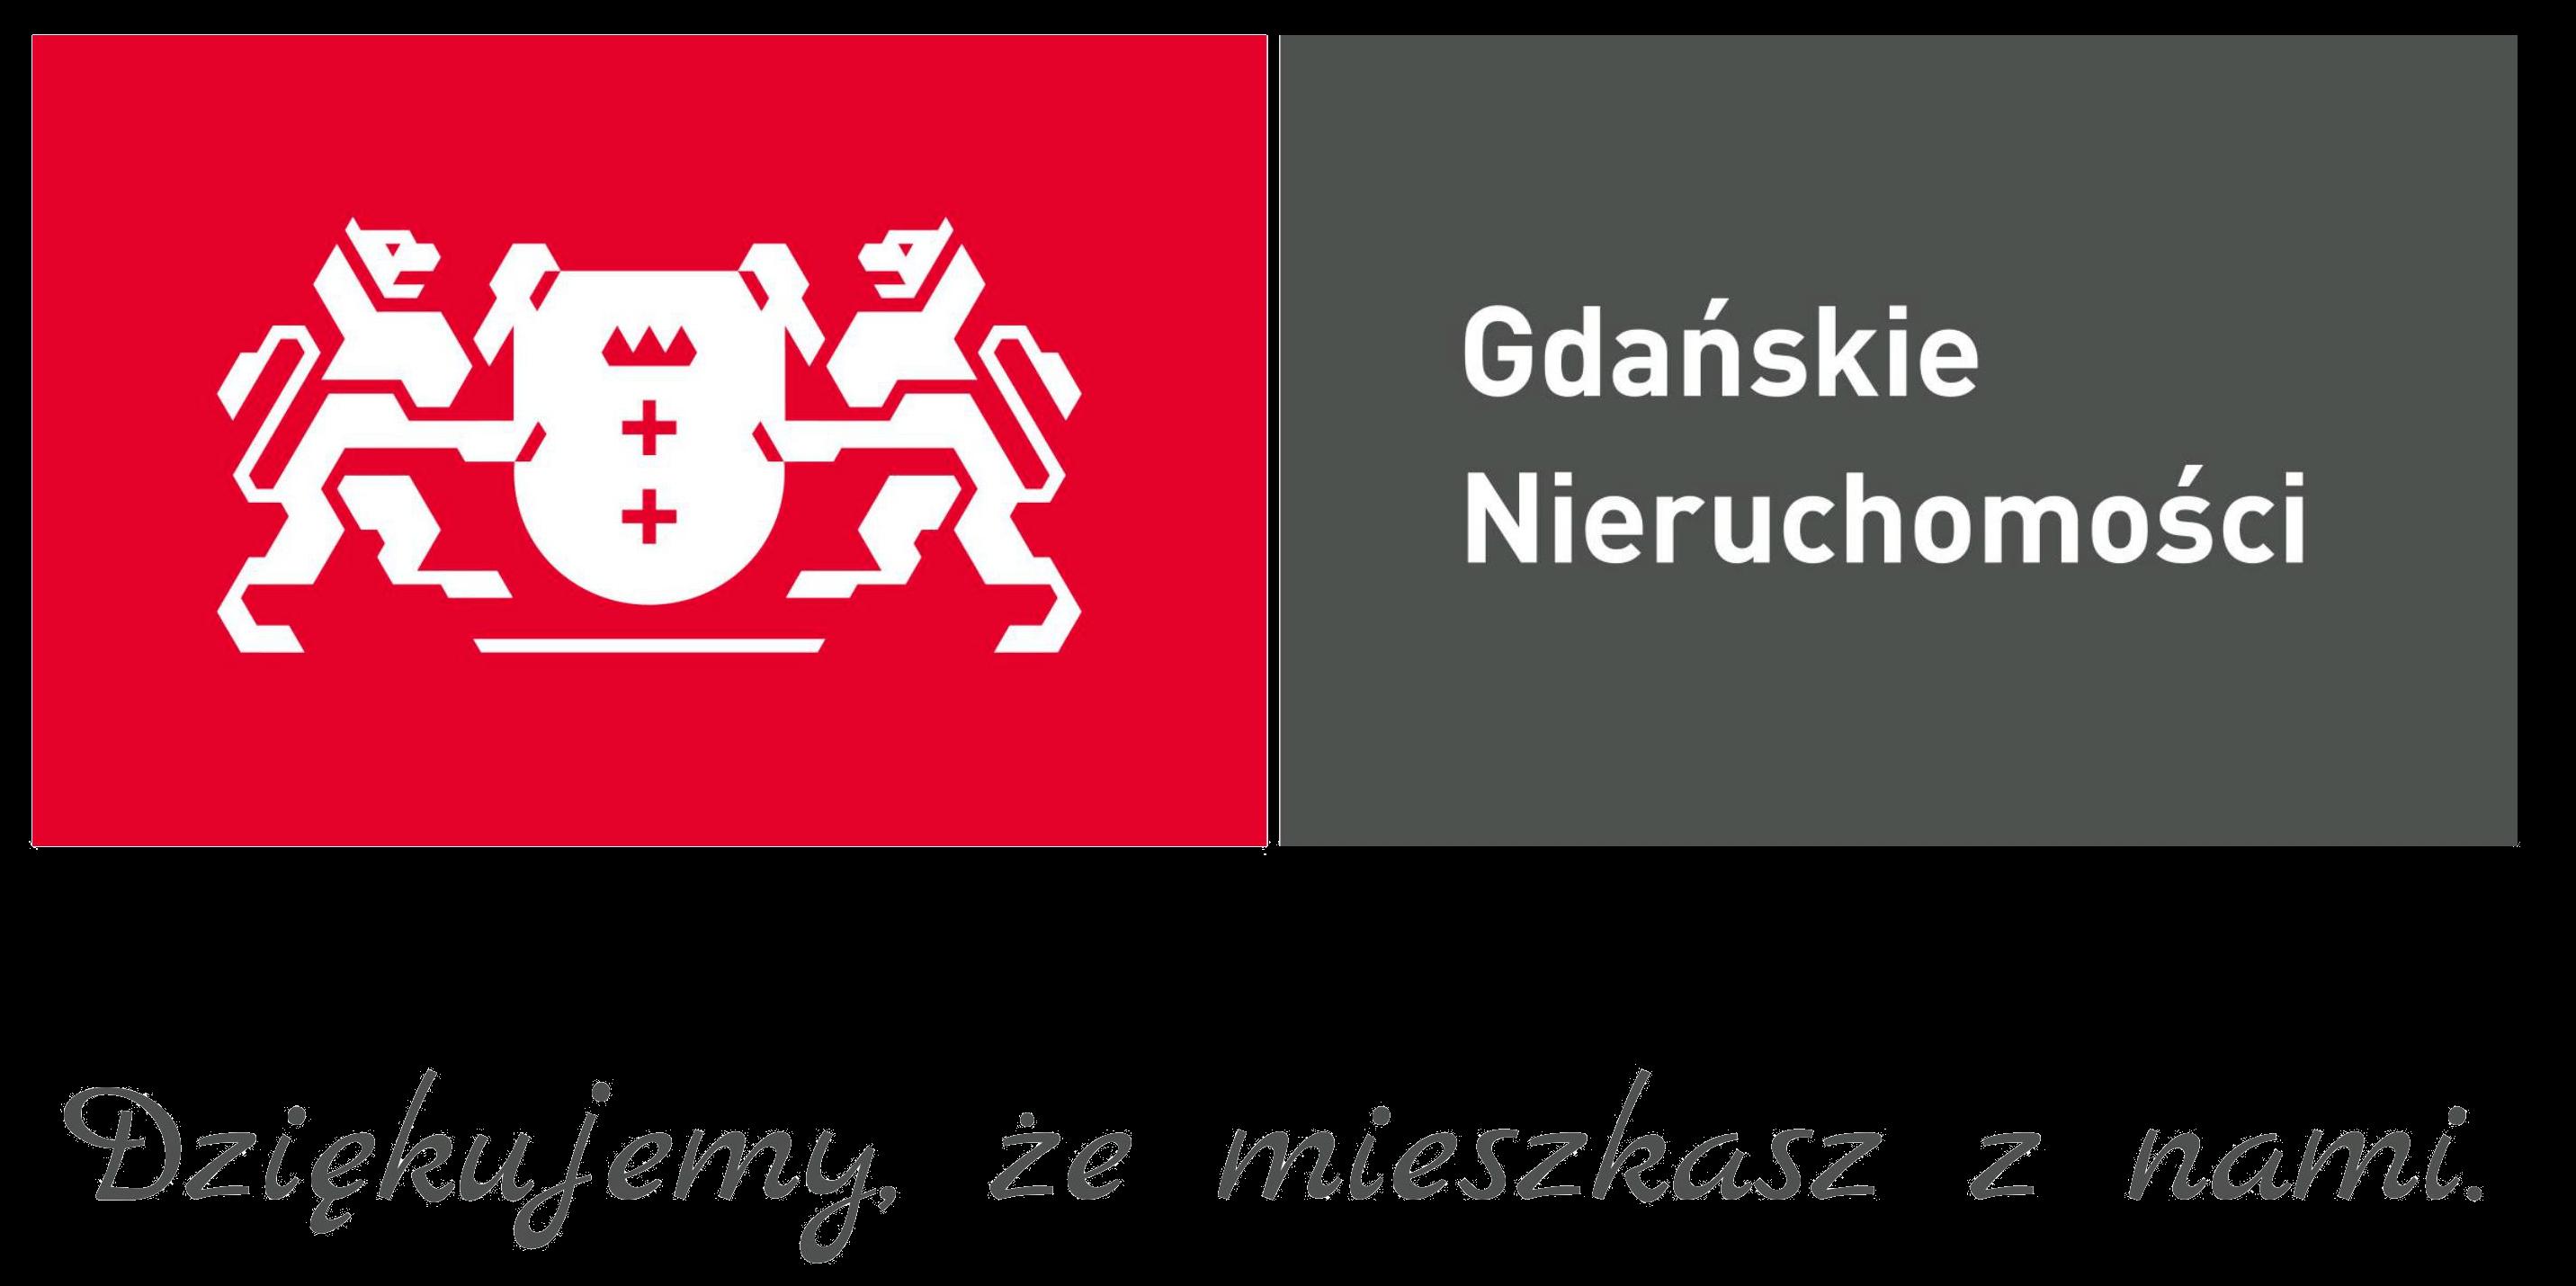 logo: Gdańskie Nieruchomości